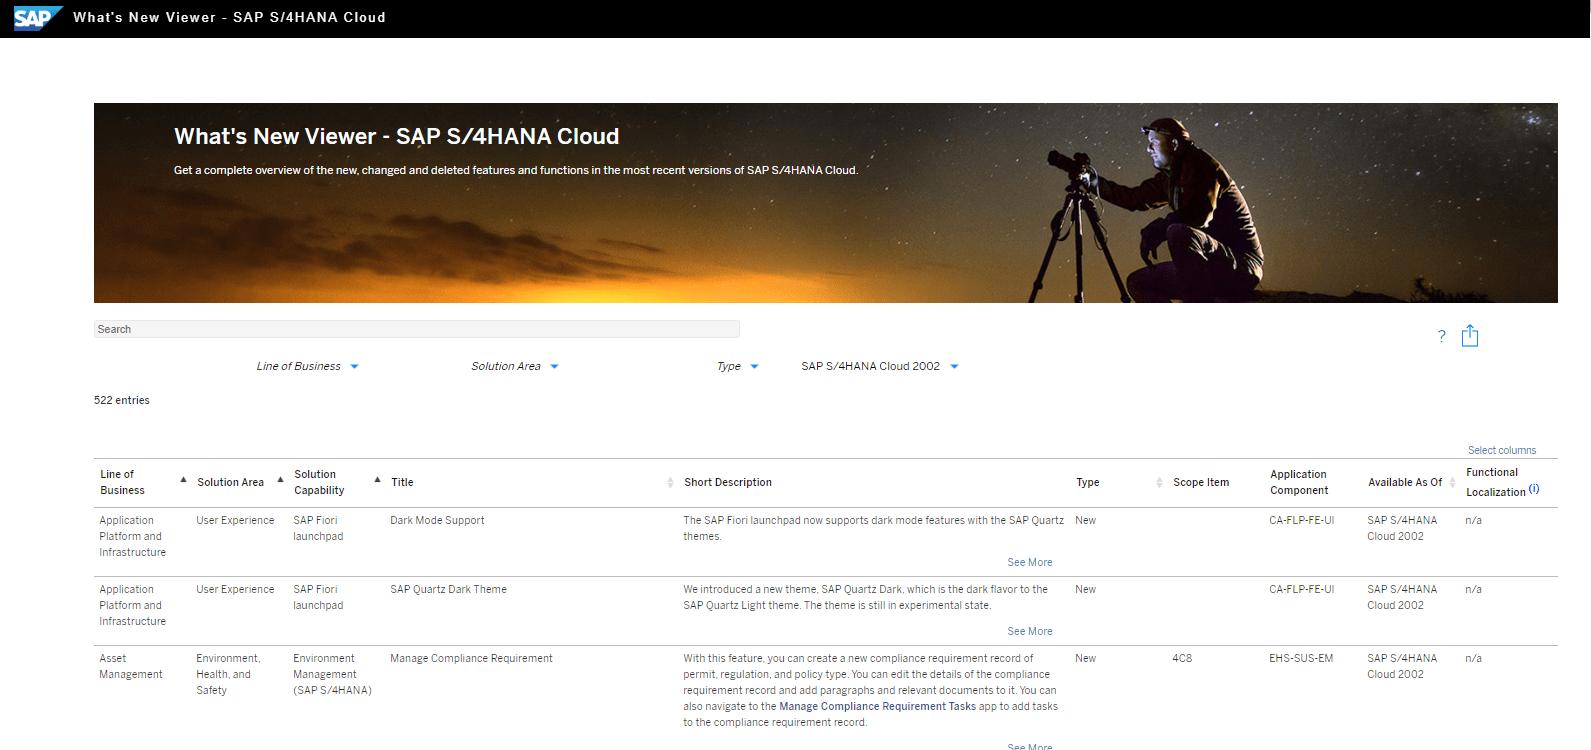 Blog Screen Whats new viewer S4HANA Cloud - What's new viewer: Alle neuen und geänderten Funktionen von SAP S/4HANA auf einen Blick